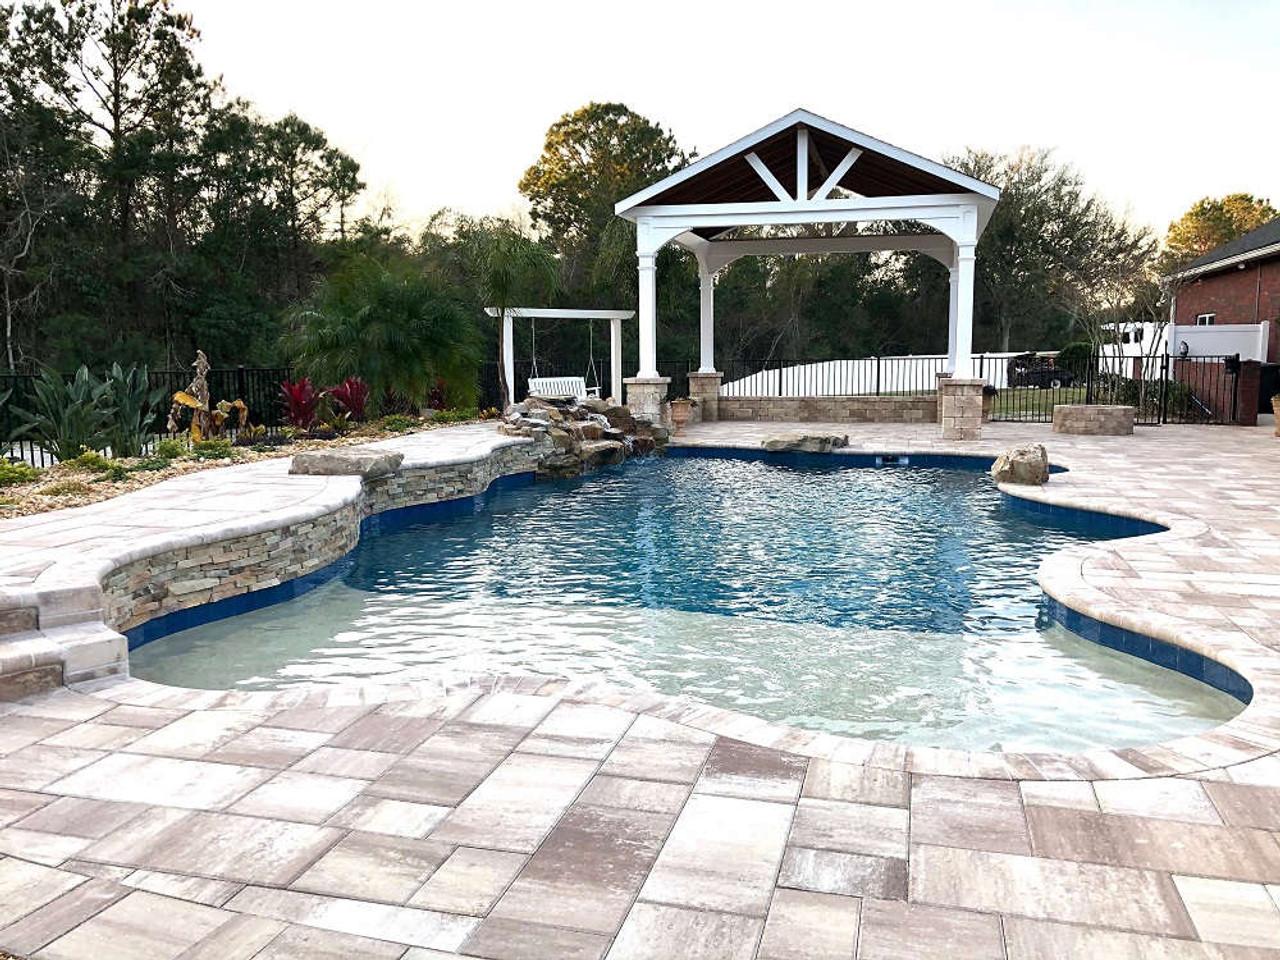 16x16 Vinyl Open Gabled Roof Pavilion  - Poolside Paradise in Jacksonville, FL